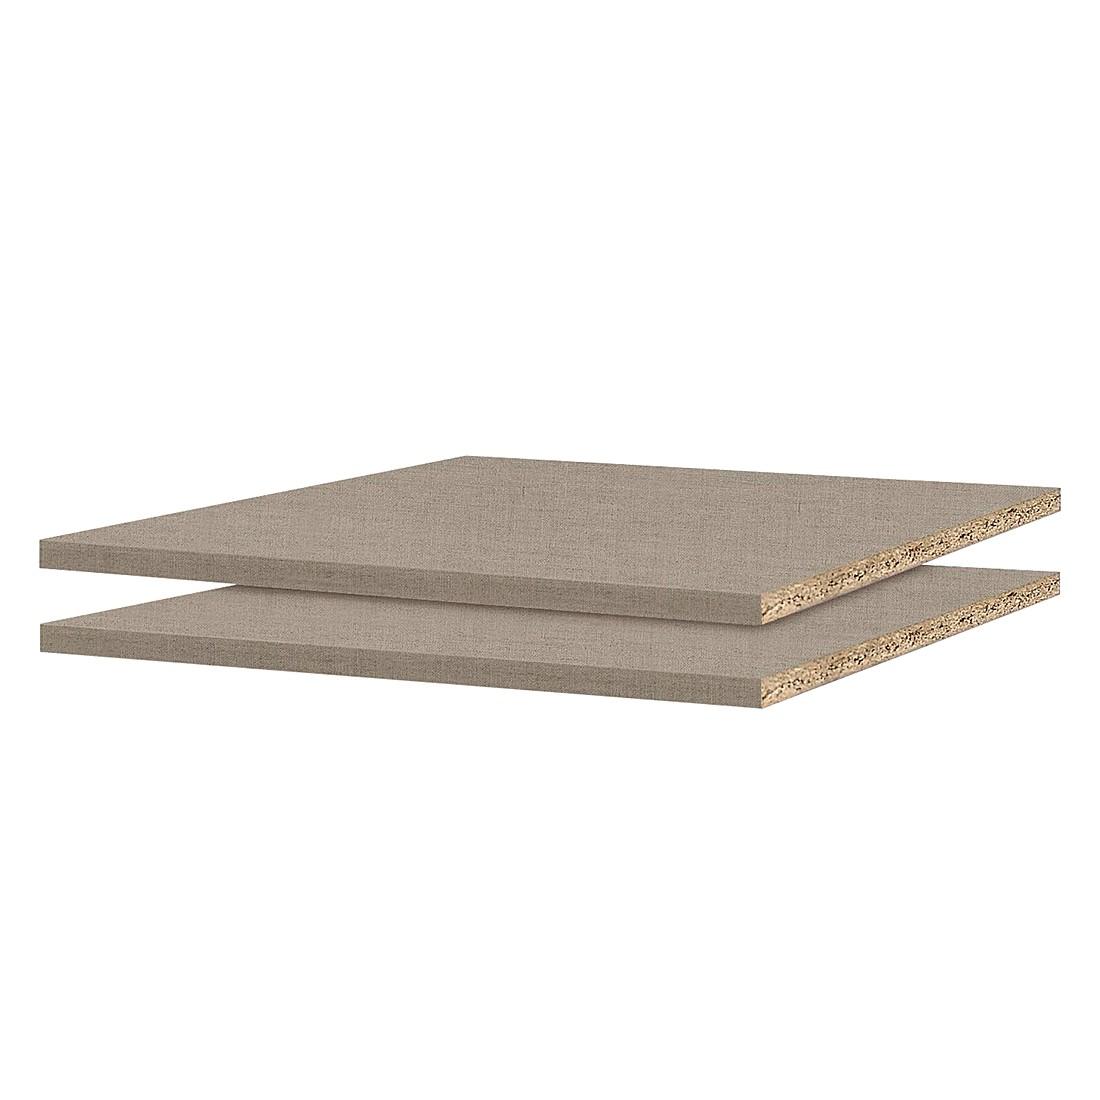 45er Fachboden Quadra (2er-Set) – für Schranktiefe 62 cm, Rauch Pack´s jetzt bestellen